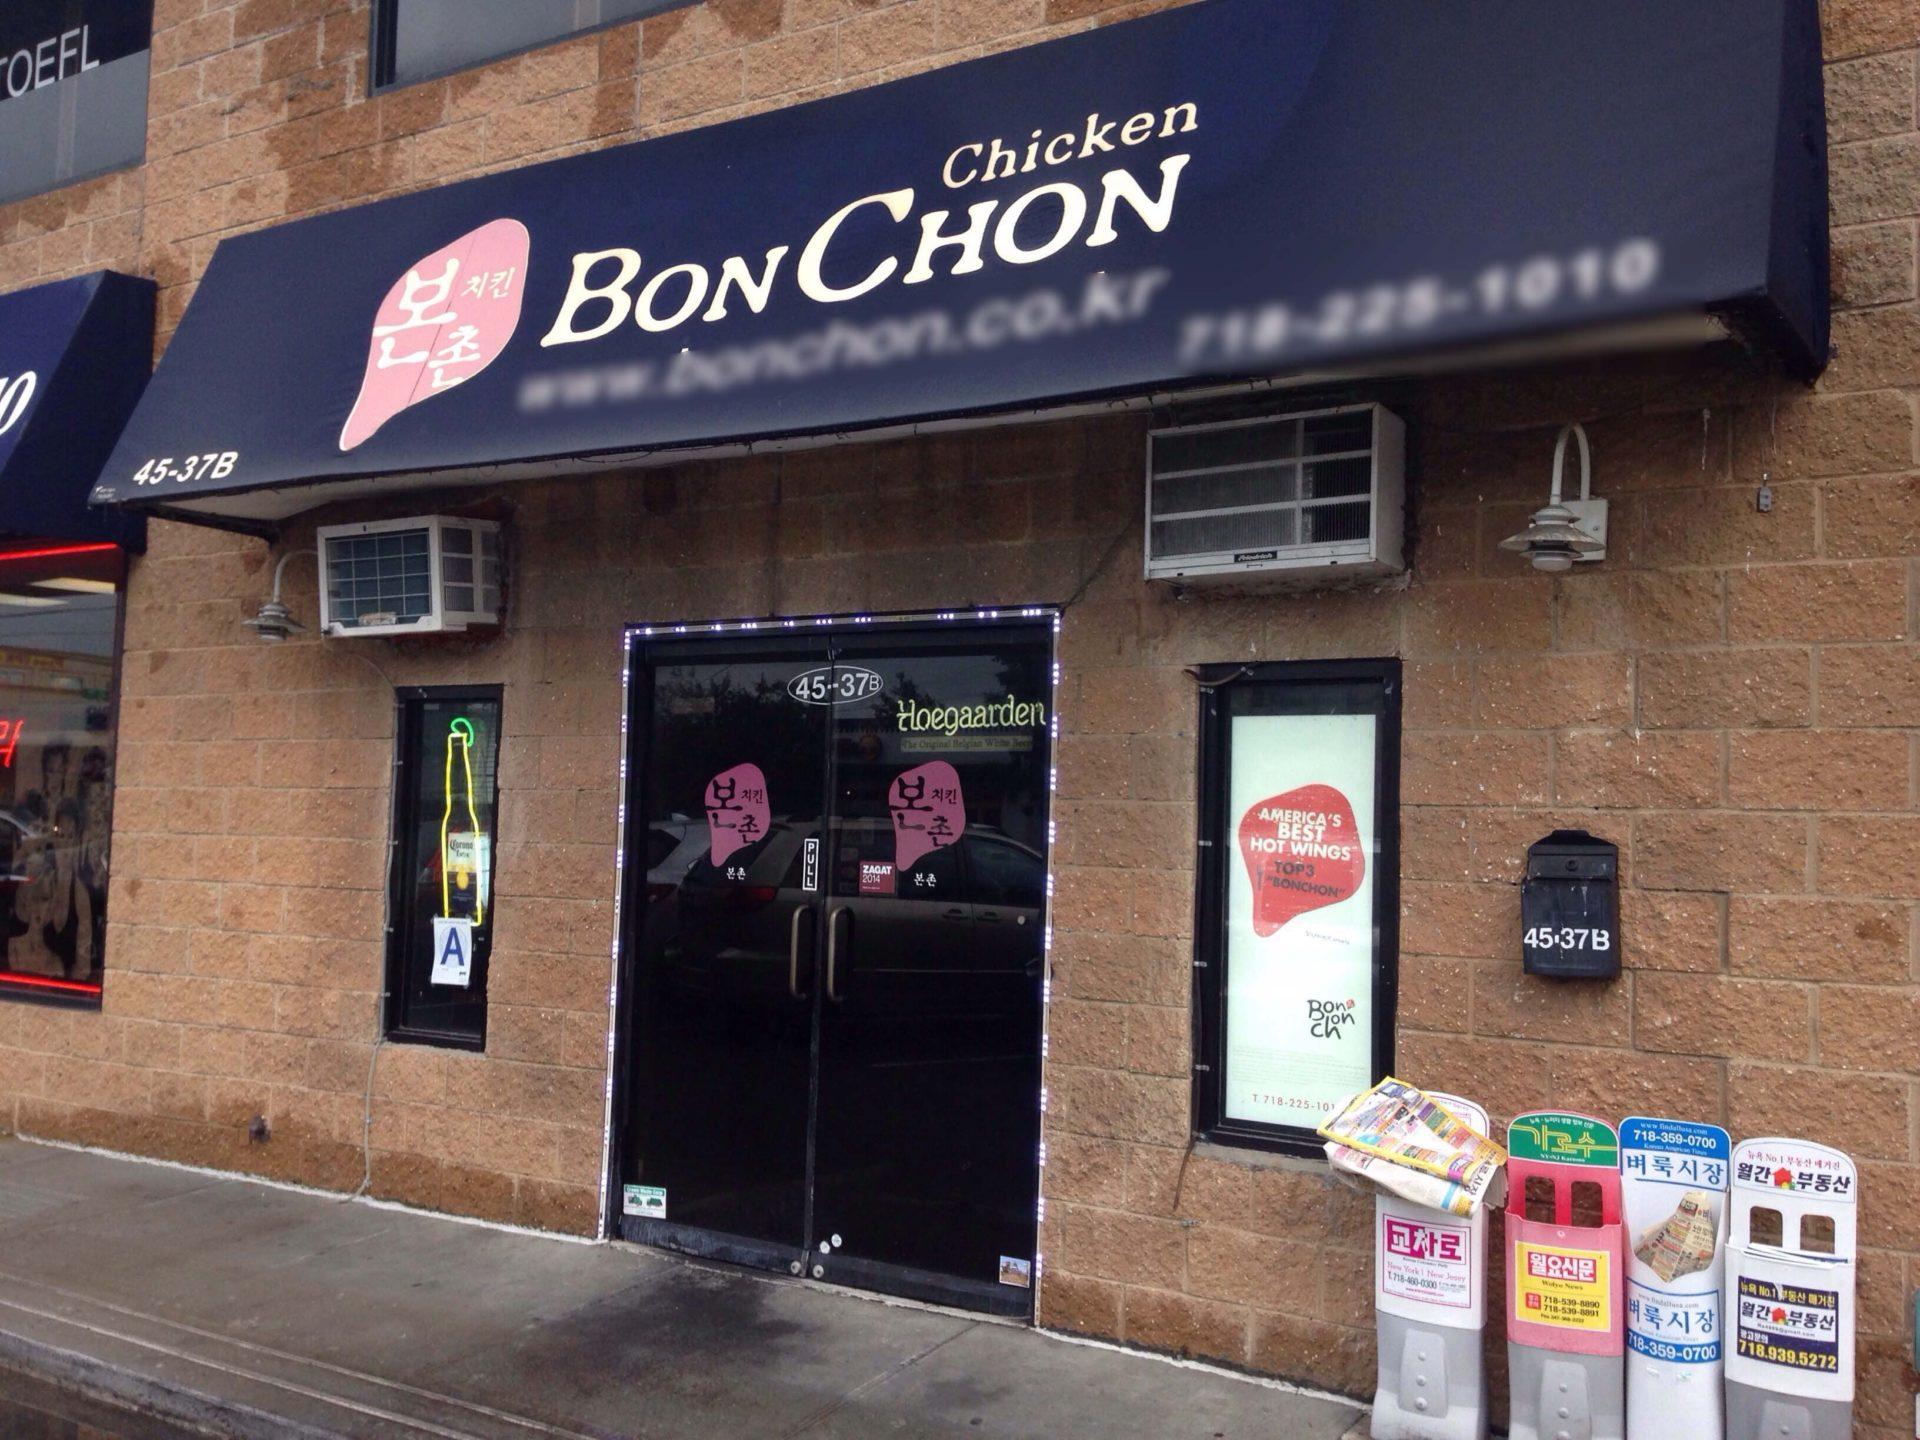 BoncChon Queens exterior. Photo by BonChon via Facebook